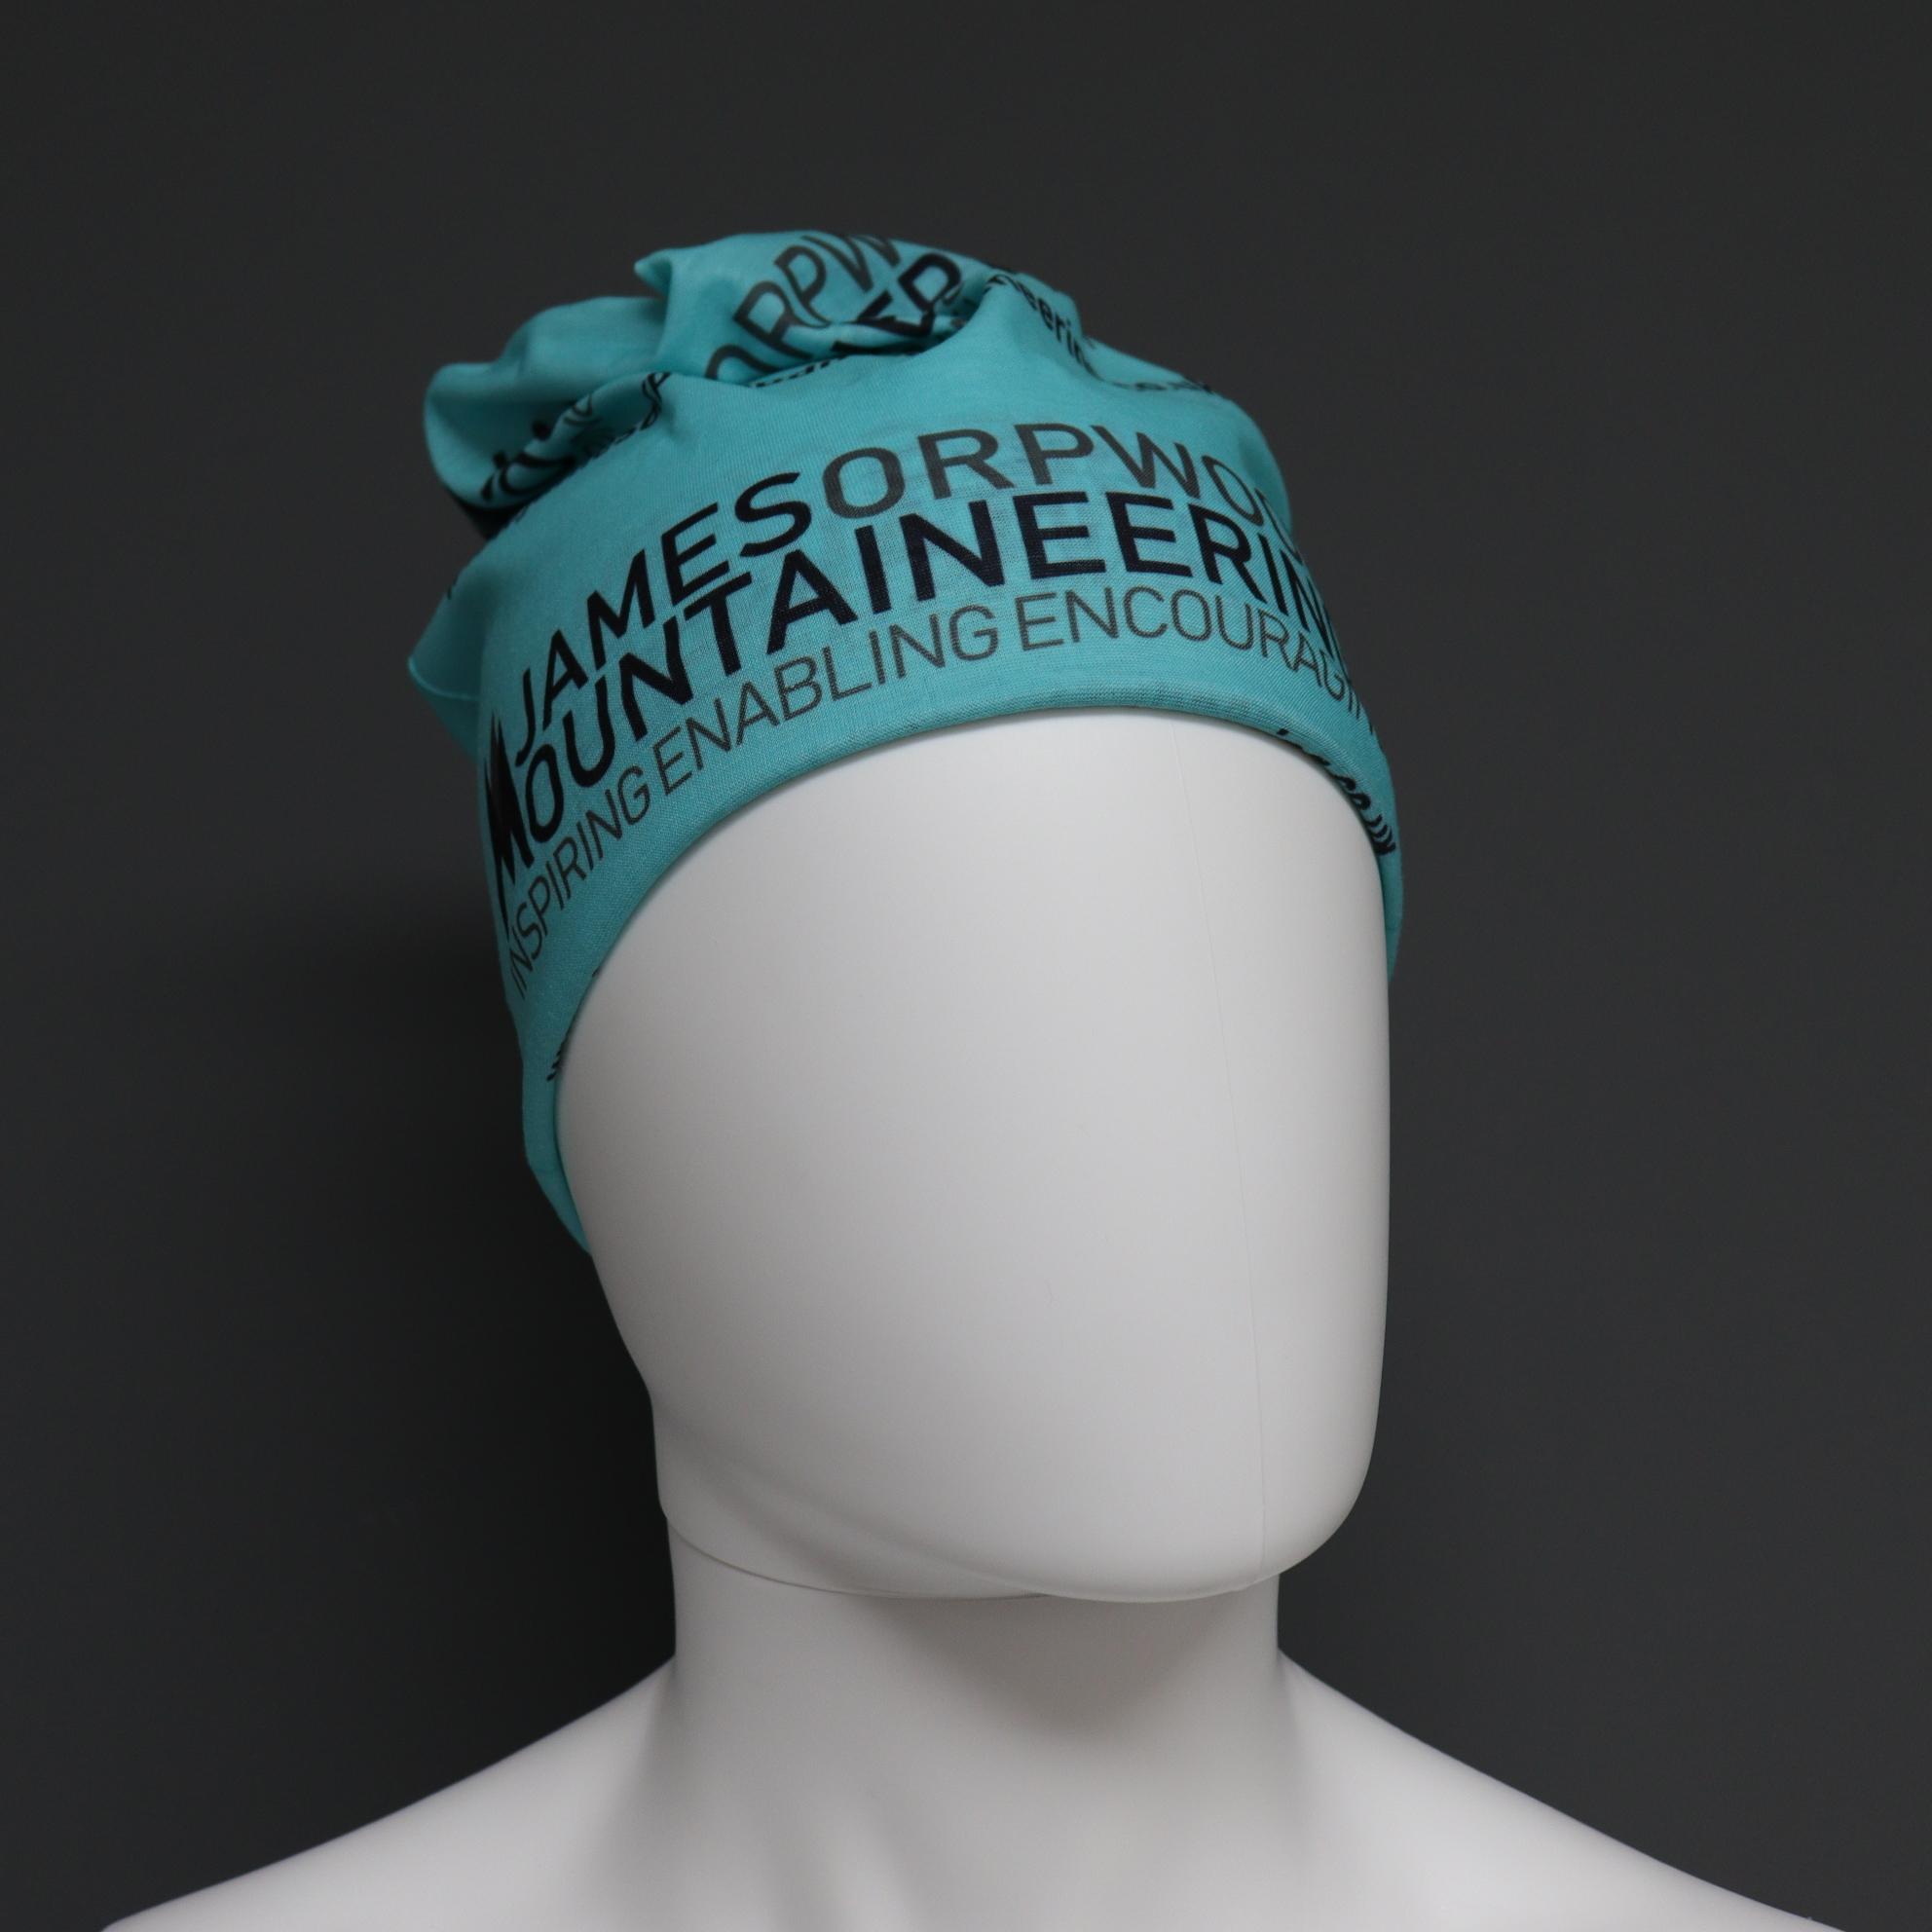 Buff Style Headwear - James Orpwood Mountaineering